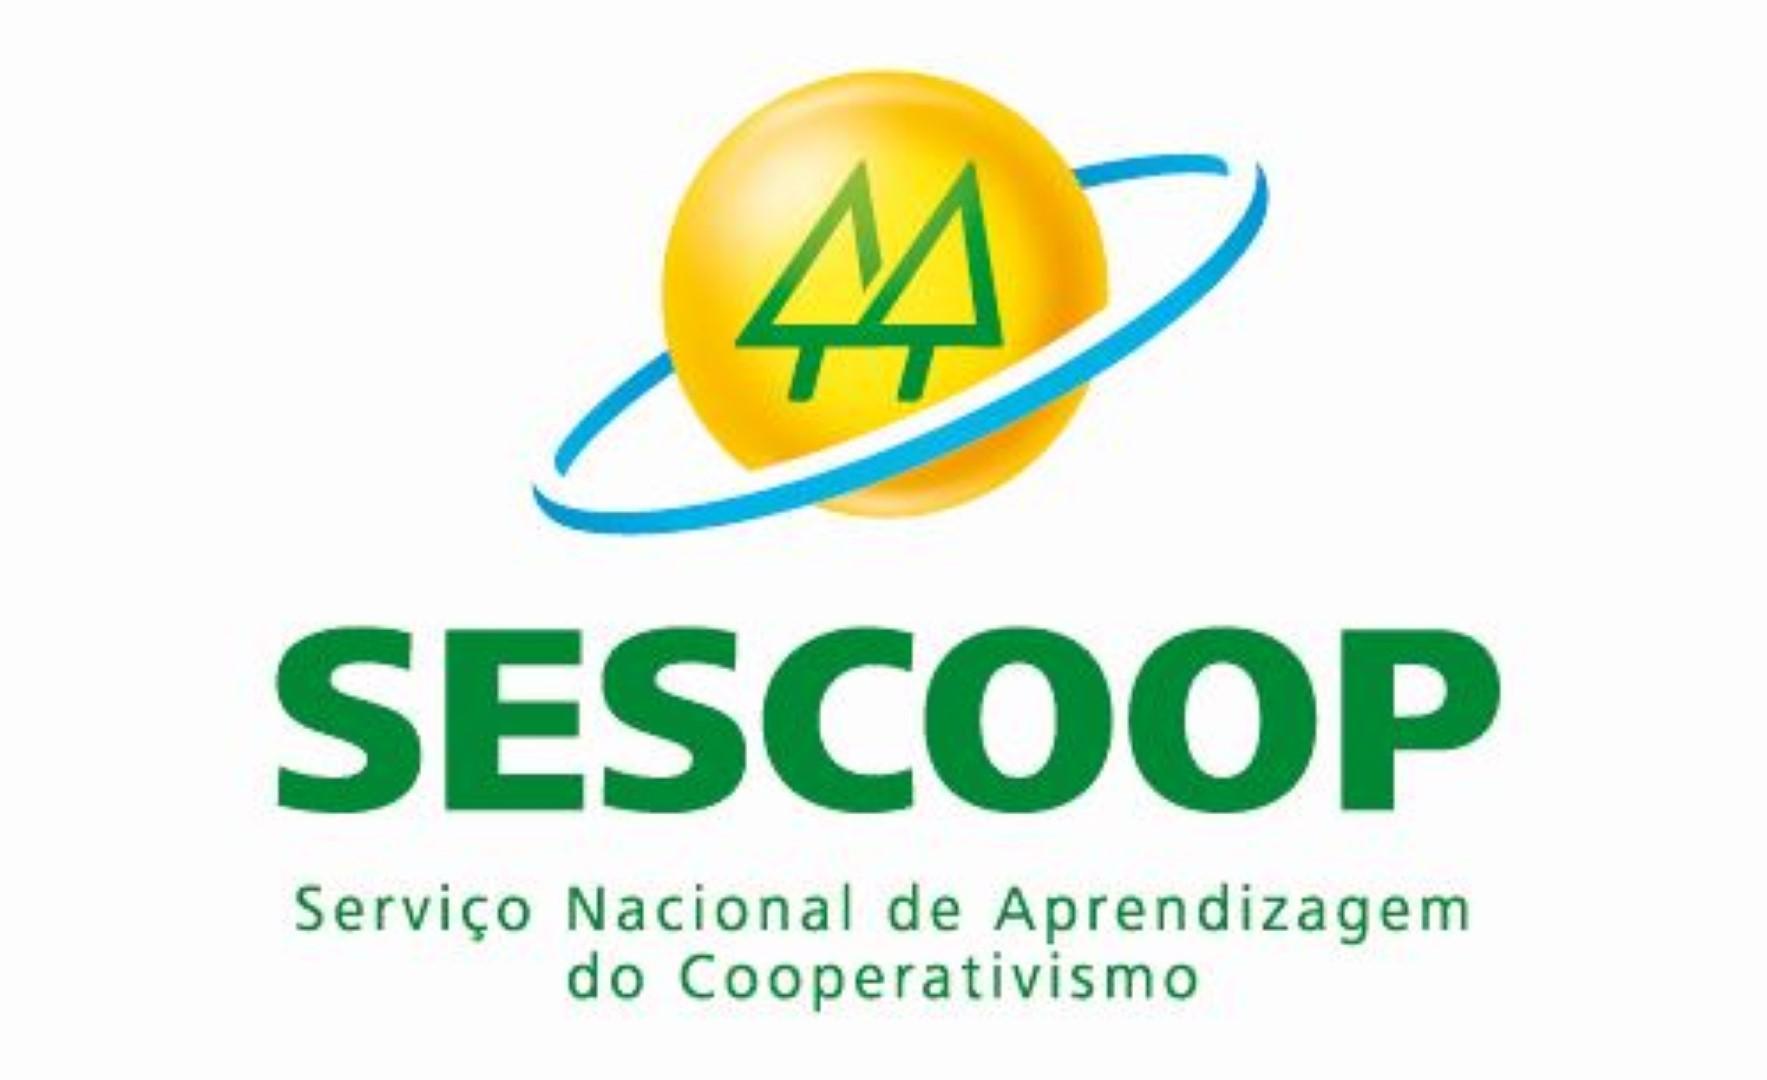 Criado o Serviço Nacional de Aprendizagem do Cooperativismo – Sescoop